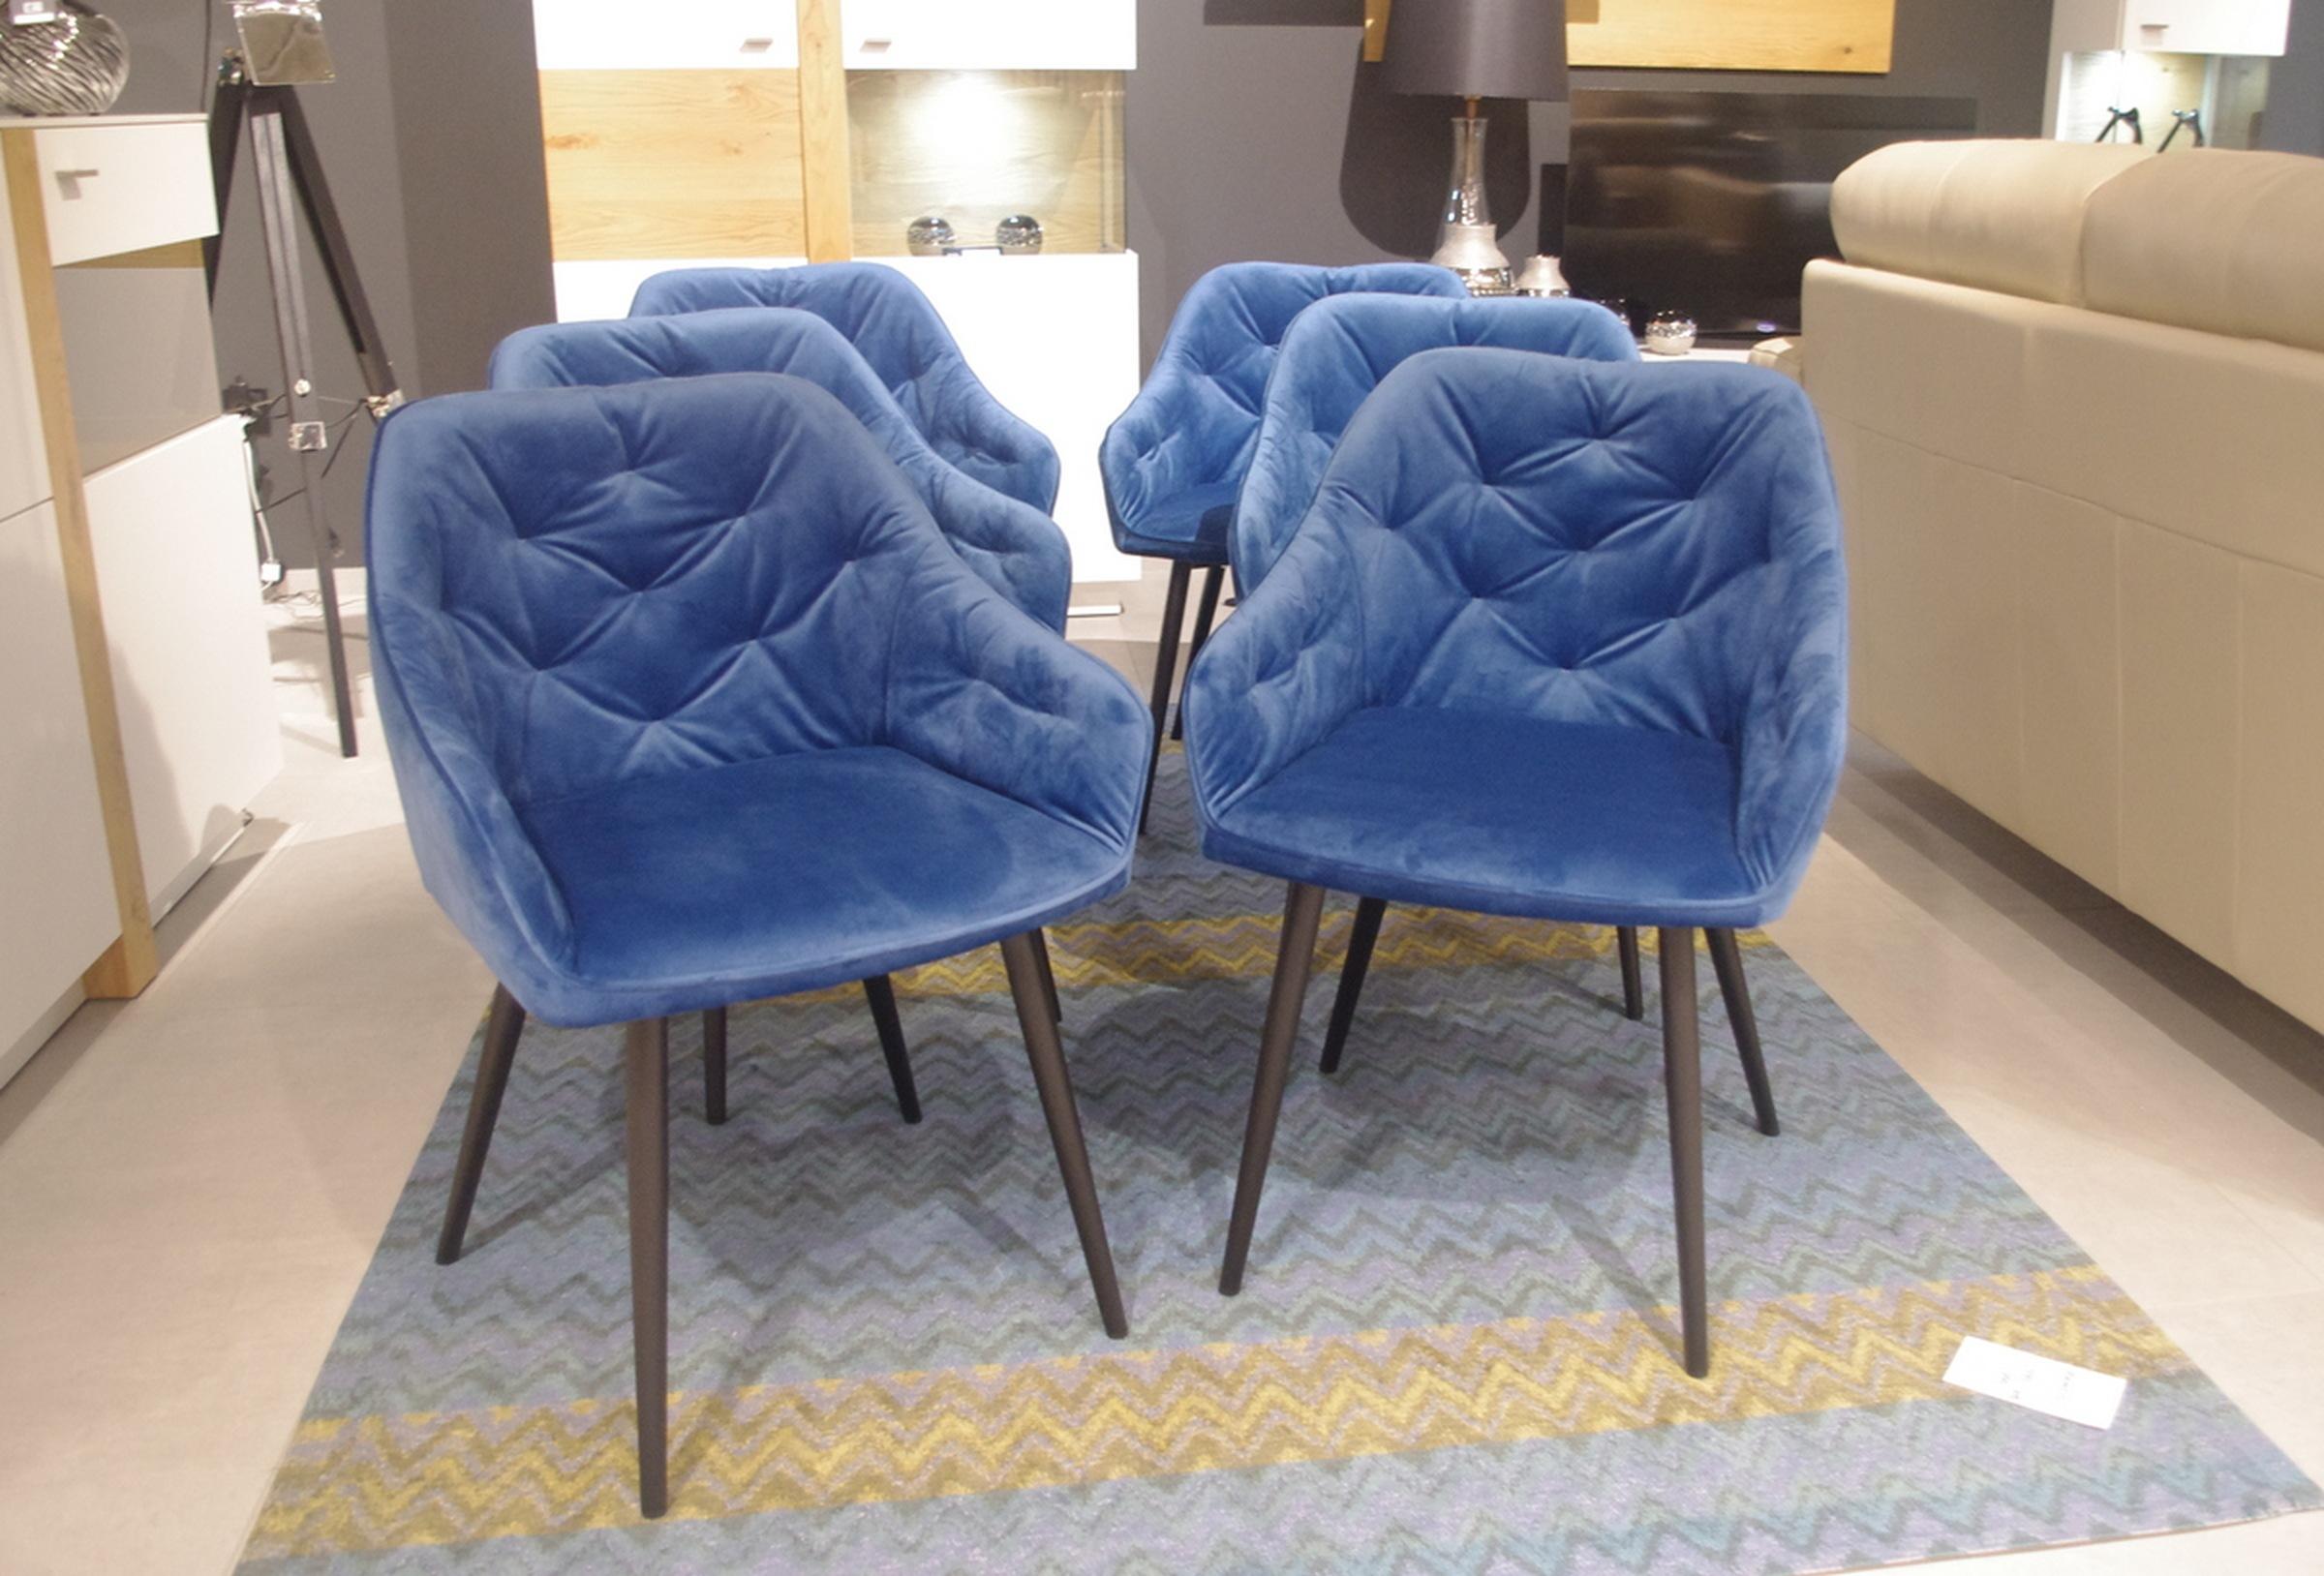 Krzesła k02 niebieskie tc meble dobrodzień